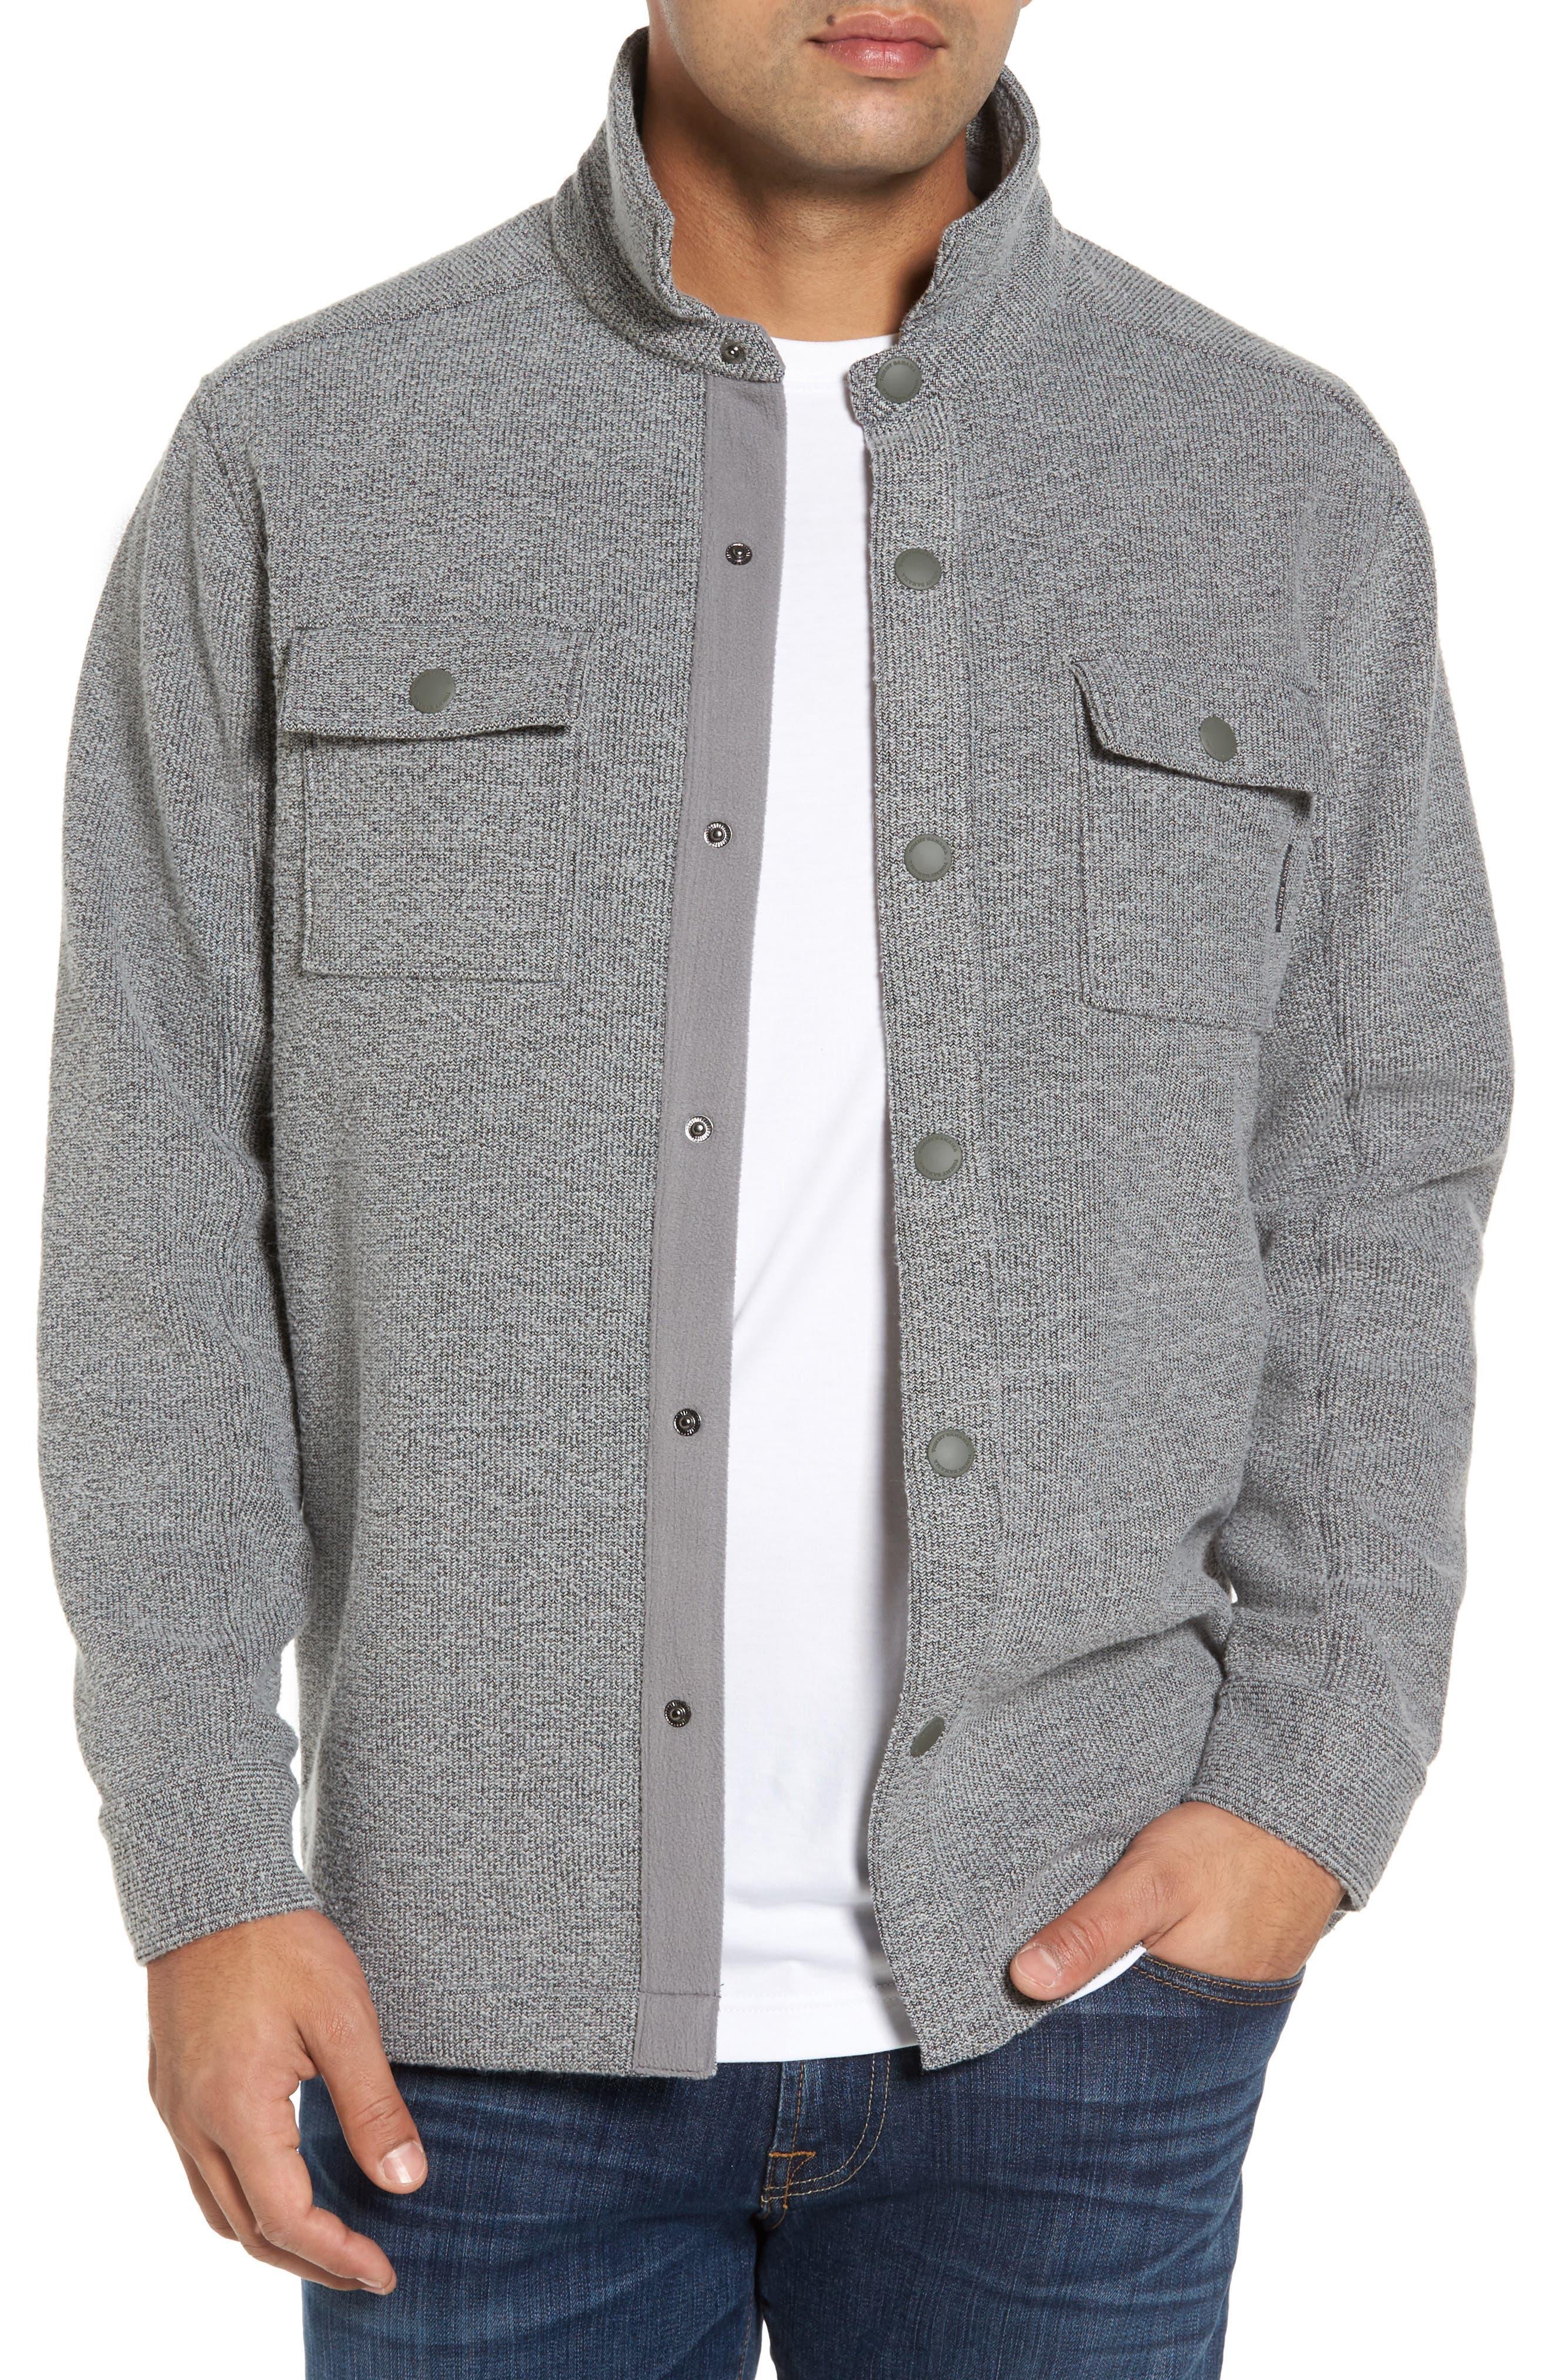 Tommy Bahama Paradise Creek CPO Shirt Jacket